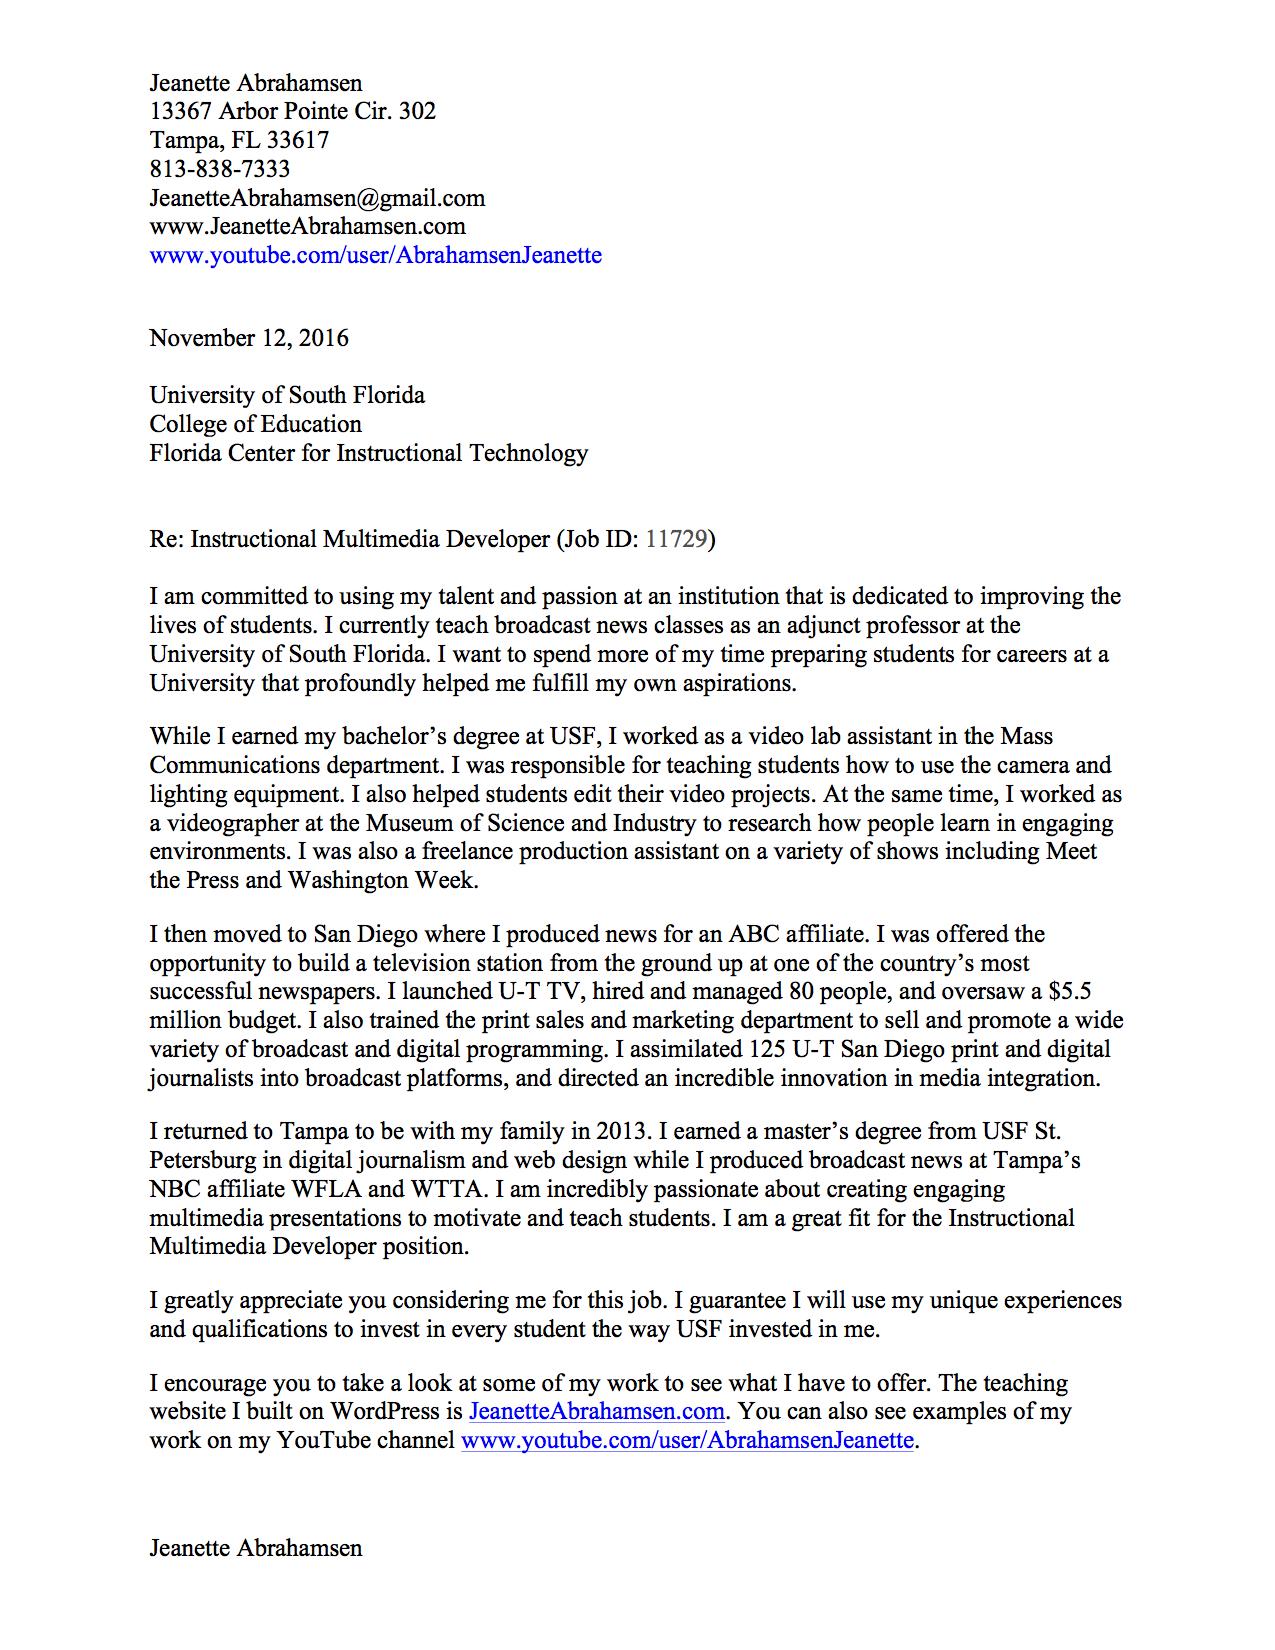 Jeanette Abrahamsen Cover Letter Example 2